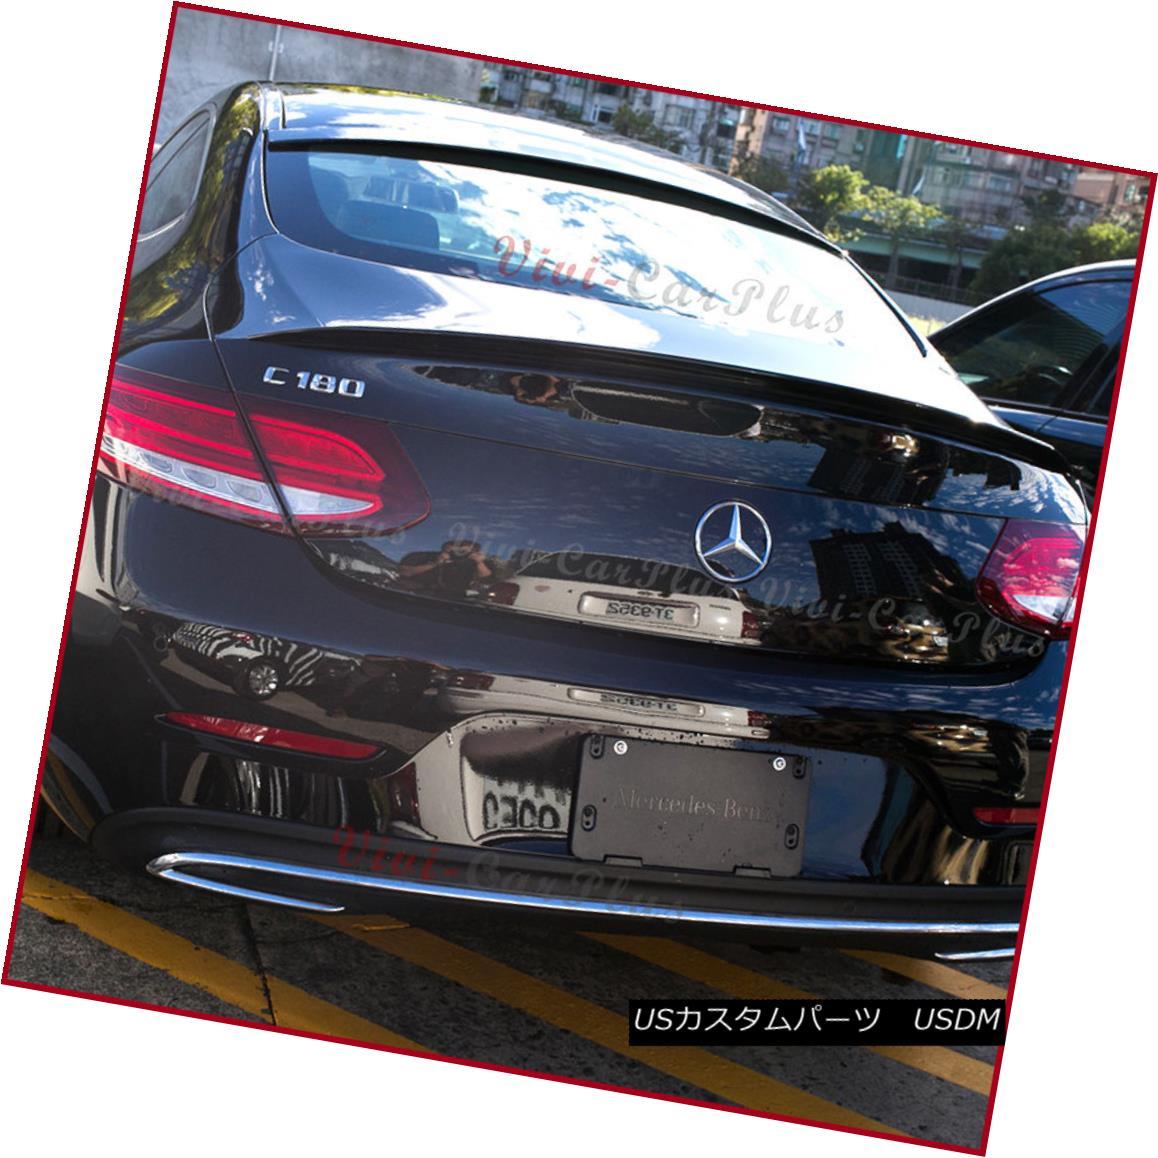 エアロパーツ COMBO PAINTED 16+ BENZ C205 C-Class Coupe A Type Trunk + OE Roof Pair Spoiler コンボ塗装16+ベンツC205 CクラスクーペAタイプトランク+ OE屋根ペアスポイラー